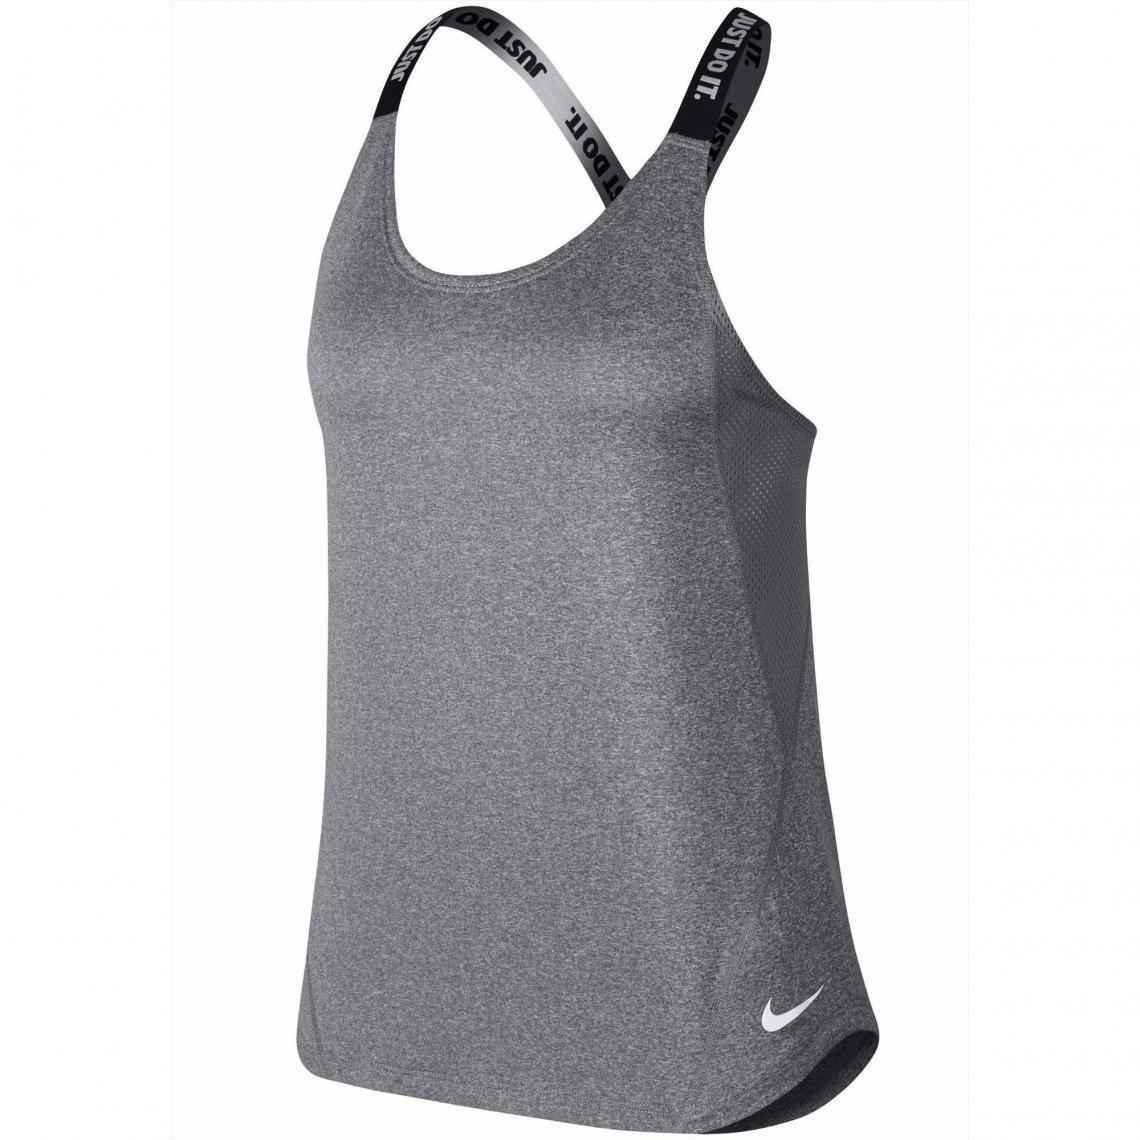 Dry De 3suisses Sport Débardeur Femme Nike Gris pIPAqdR